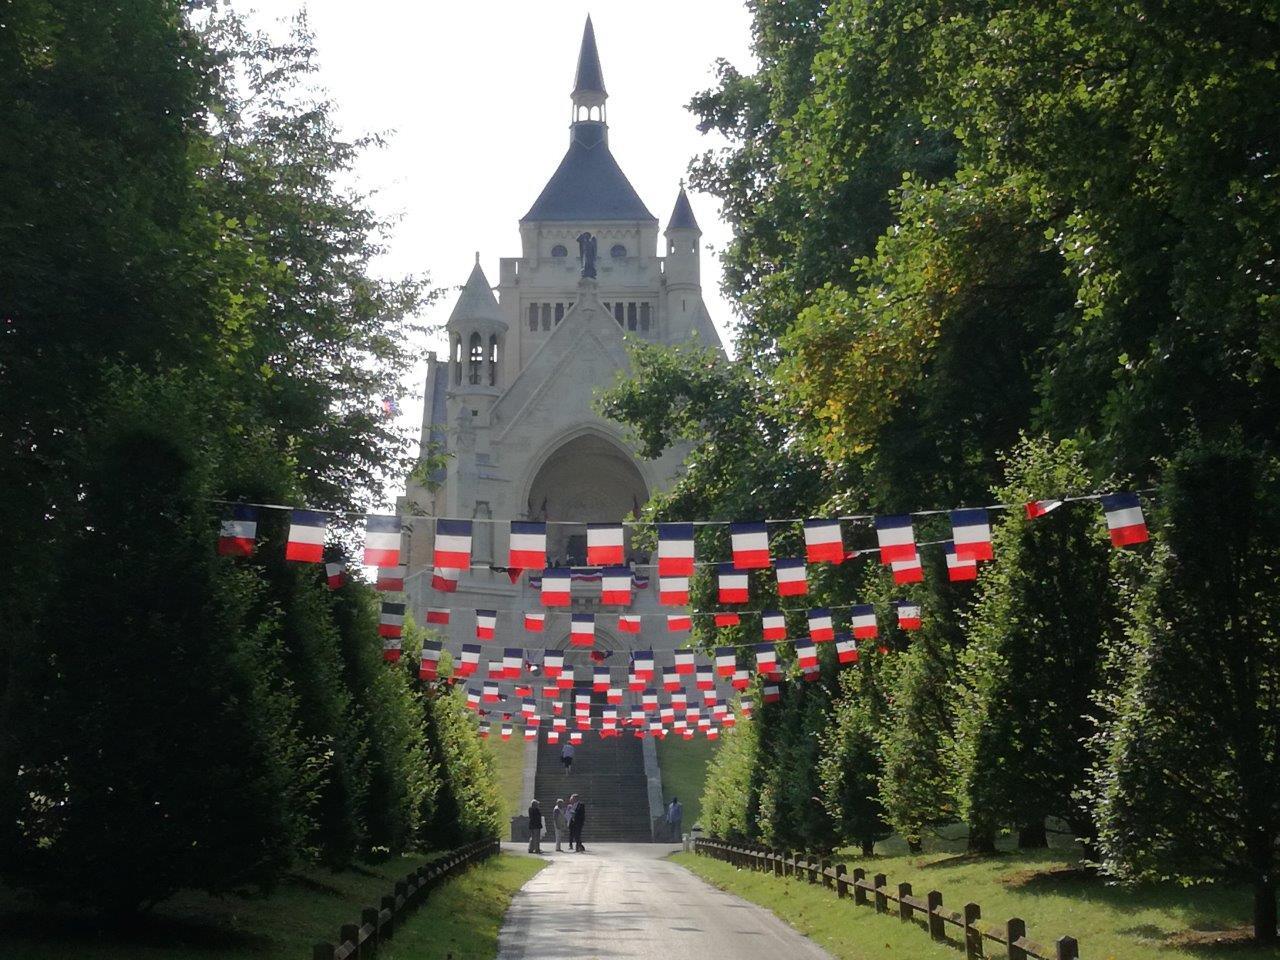 L'État a financé les travaux de restauration du Mémorial des Batailles de la Marne de Dormans. Coût : 864 000 euros.